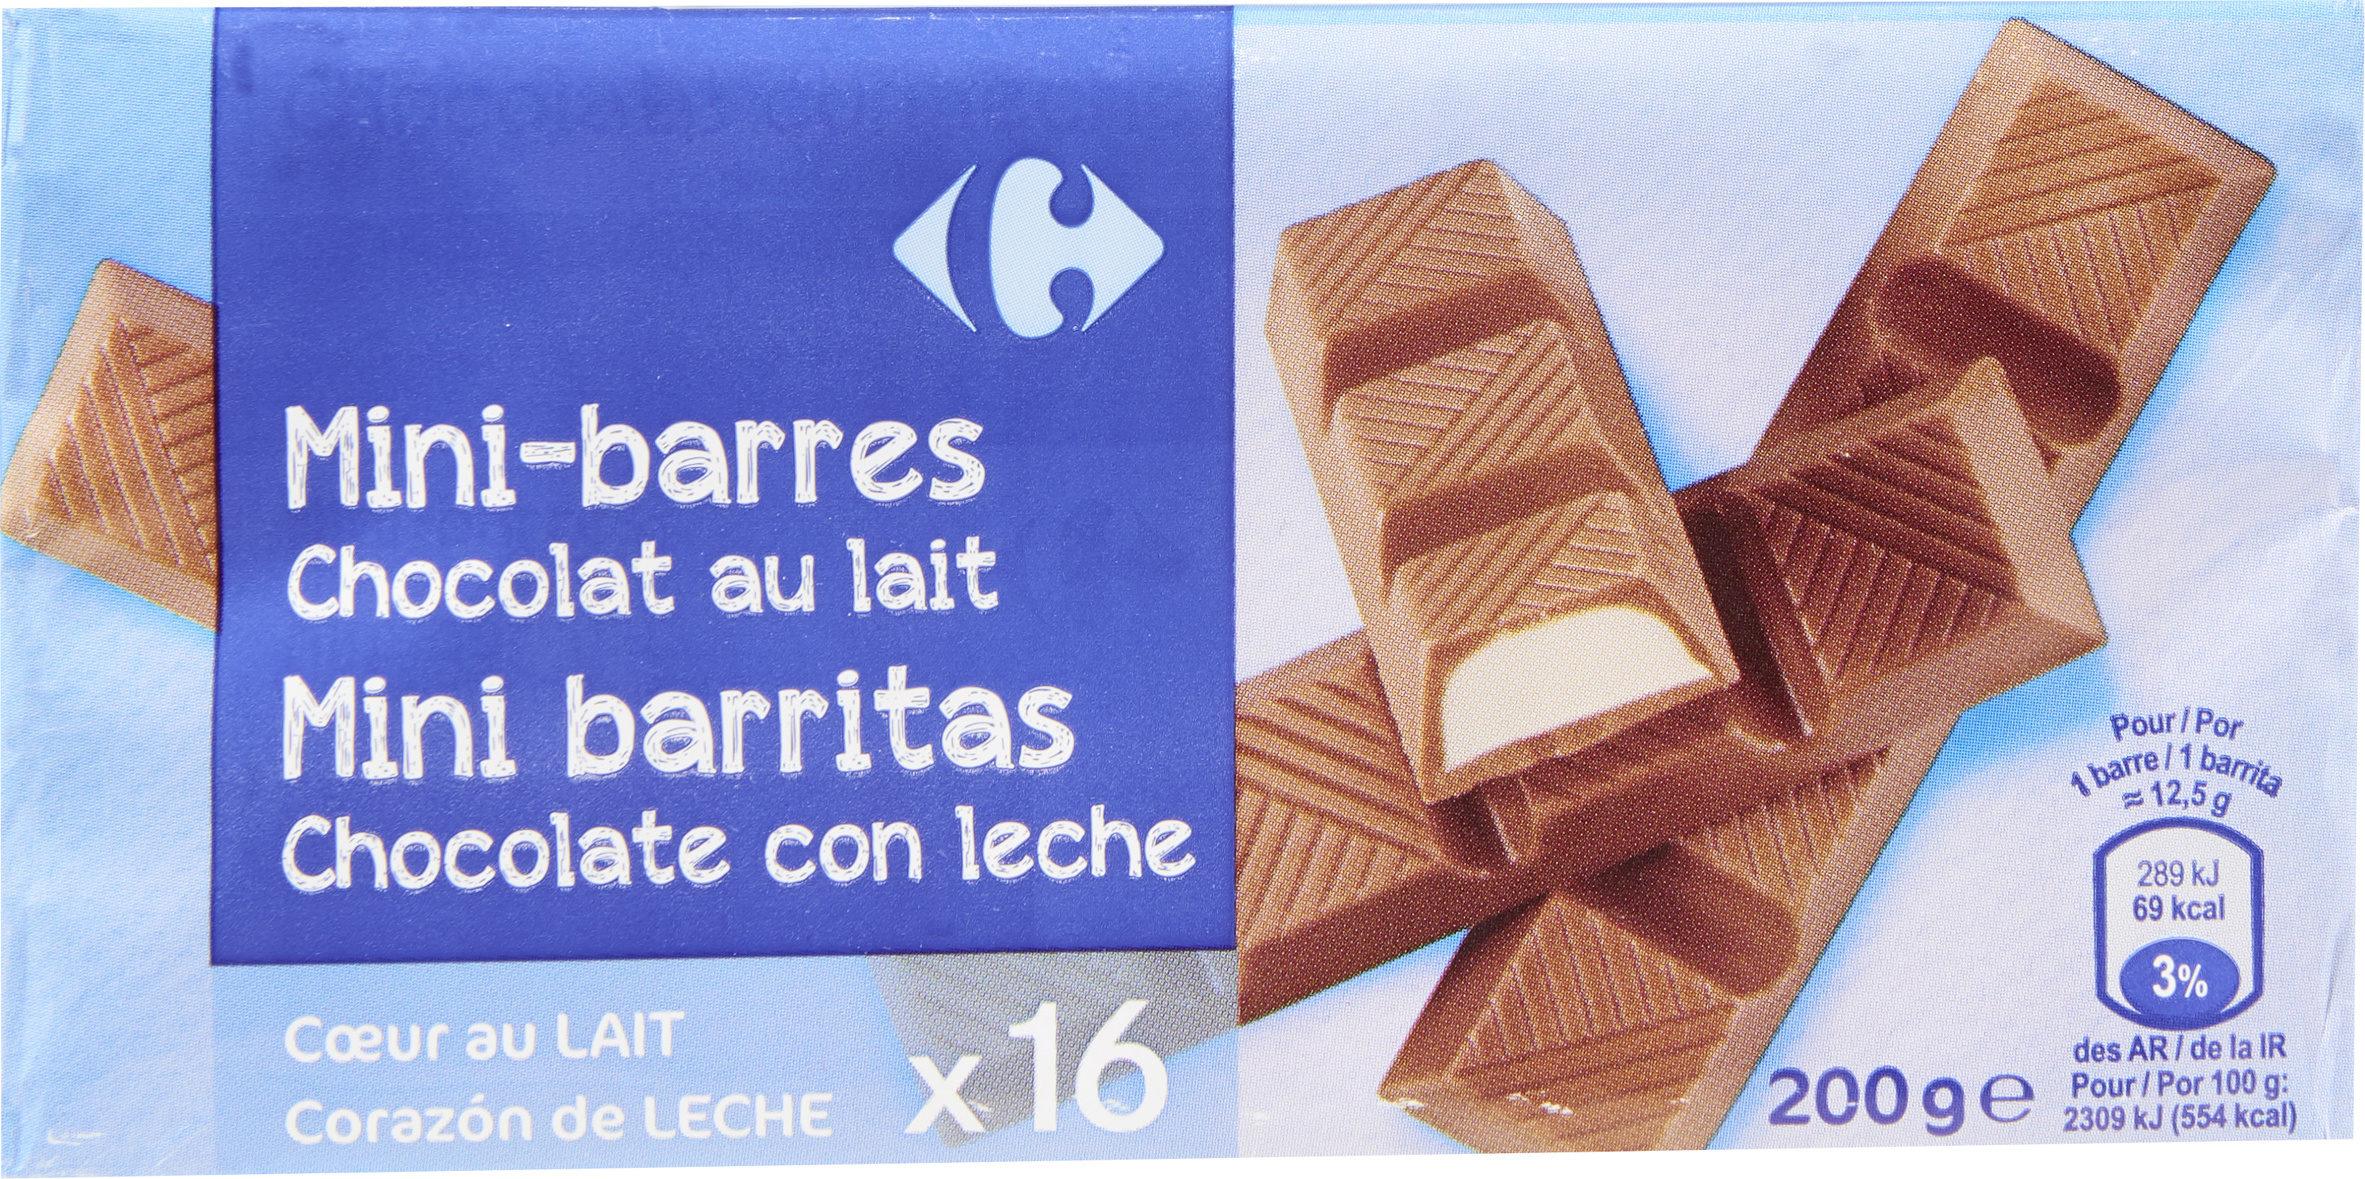 Mini barres Chocolat au lait - Producto - fr